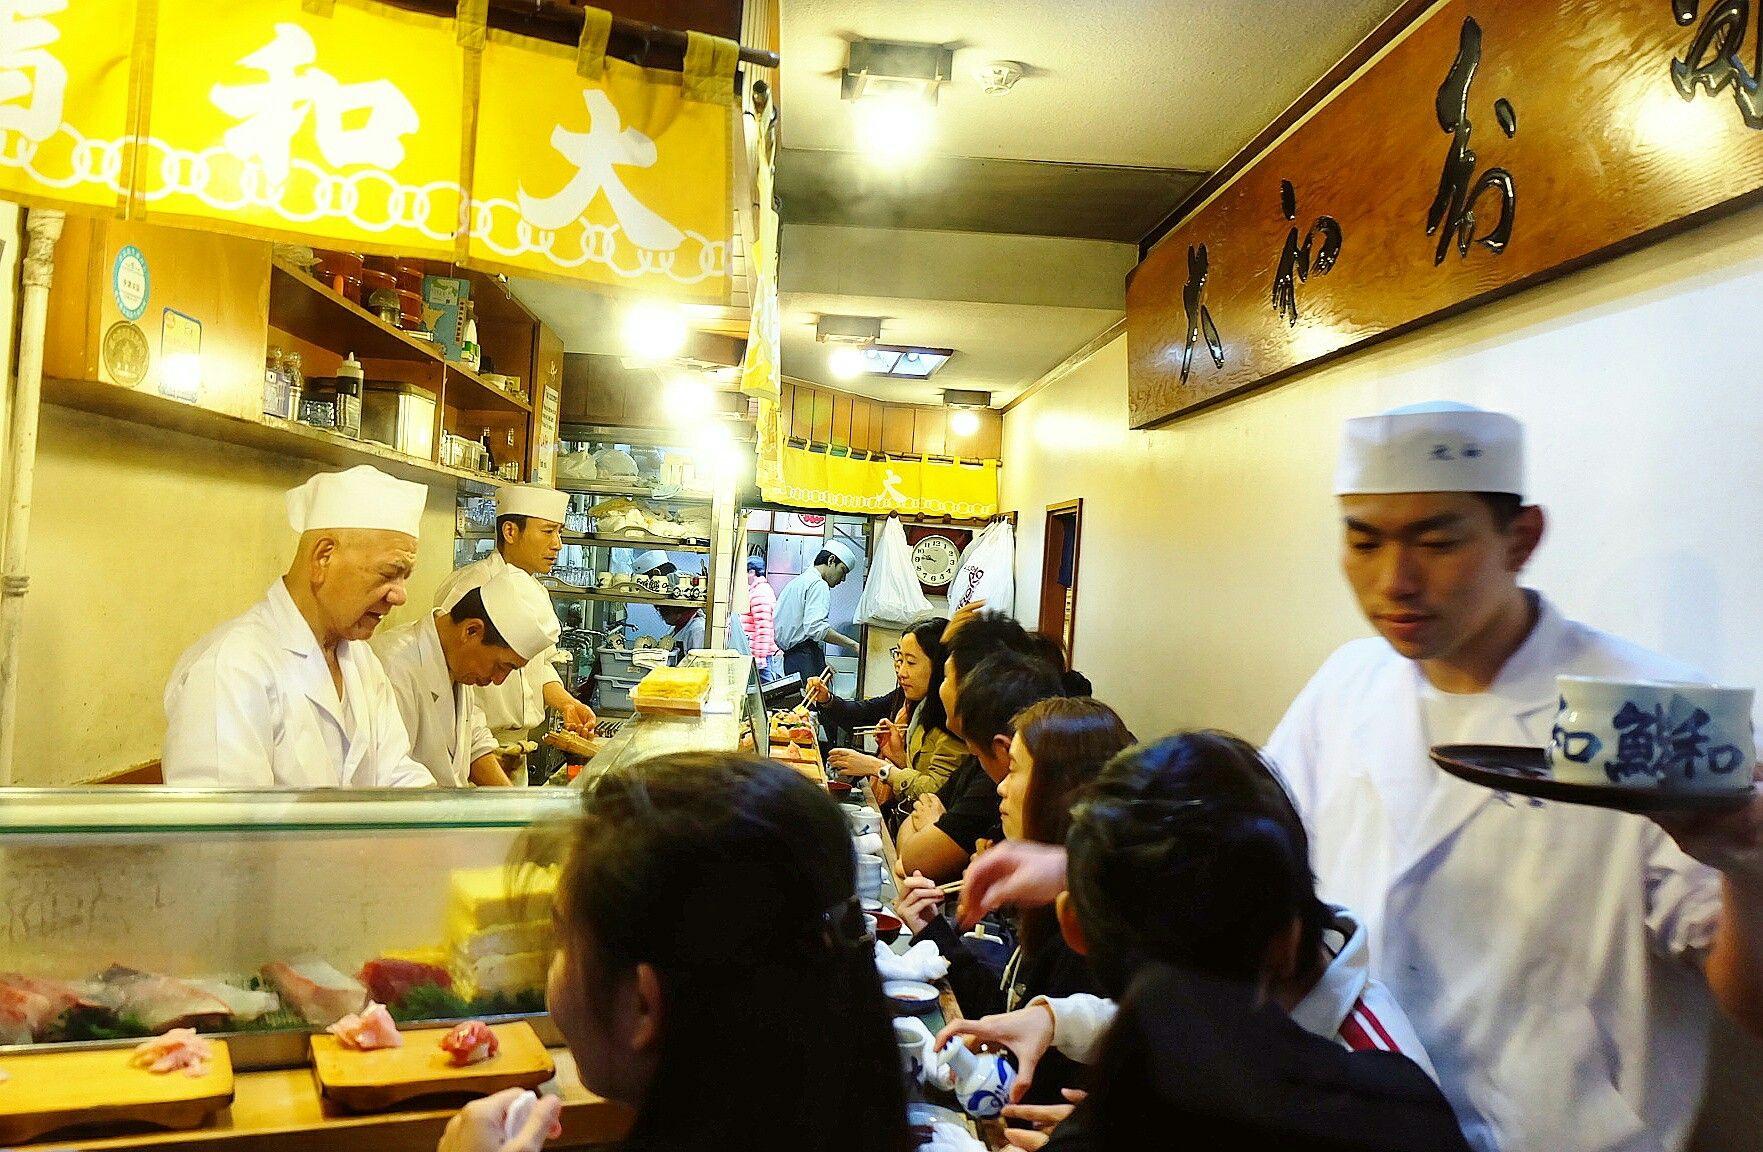 Busy Morning at Daiwa Sushi, Tsukiji Market, Tokyo